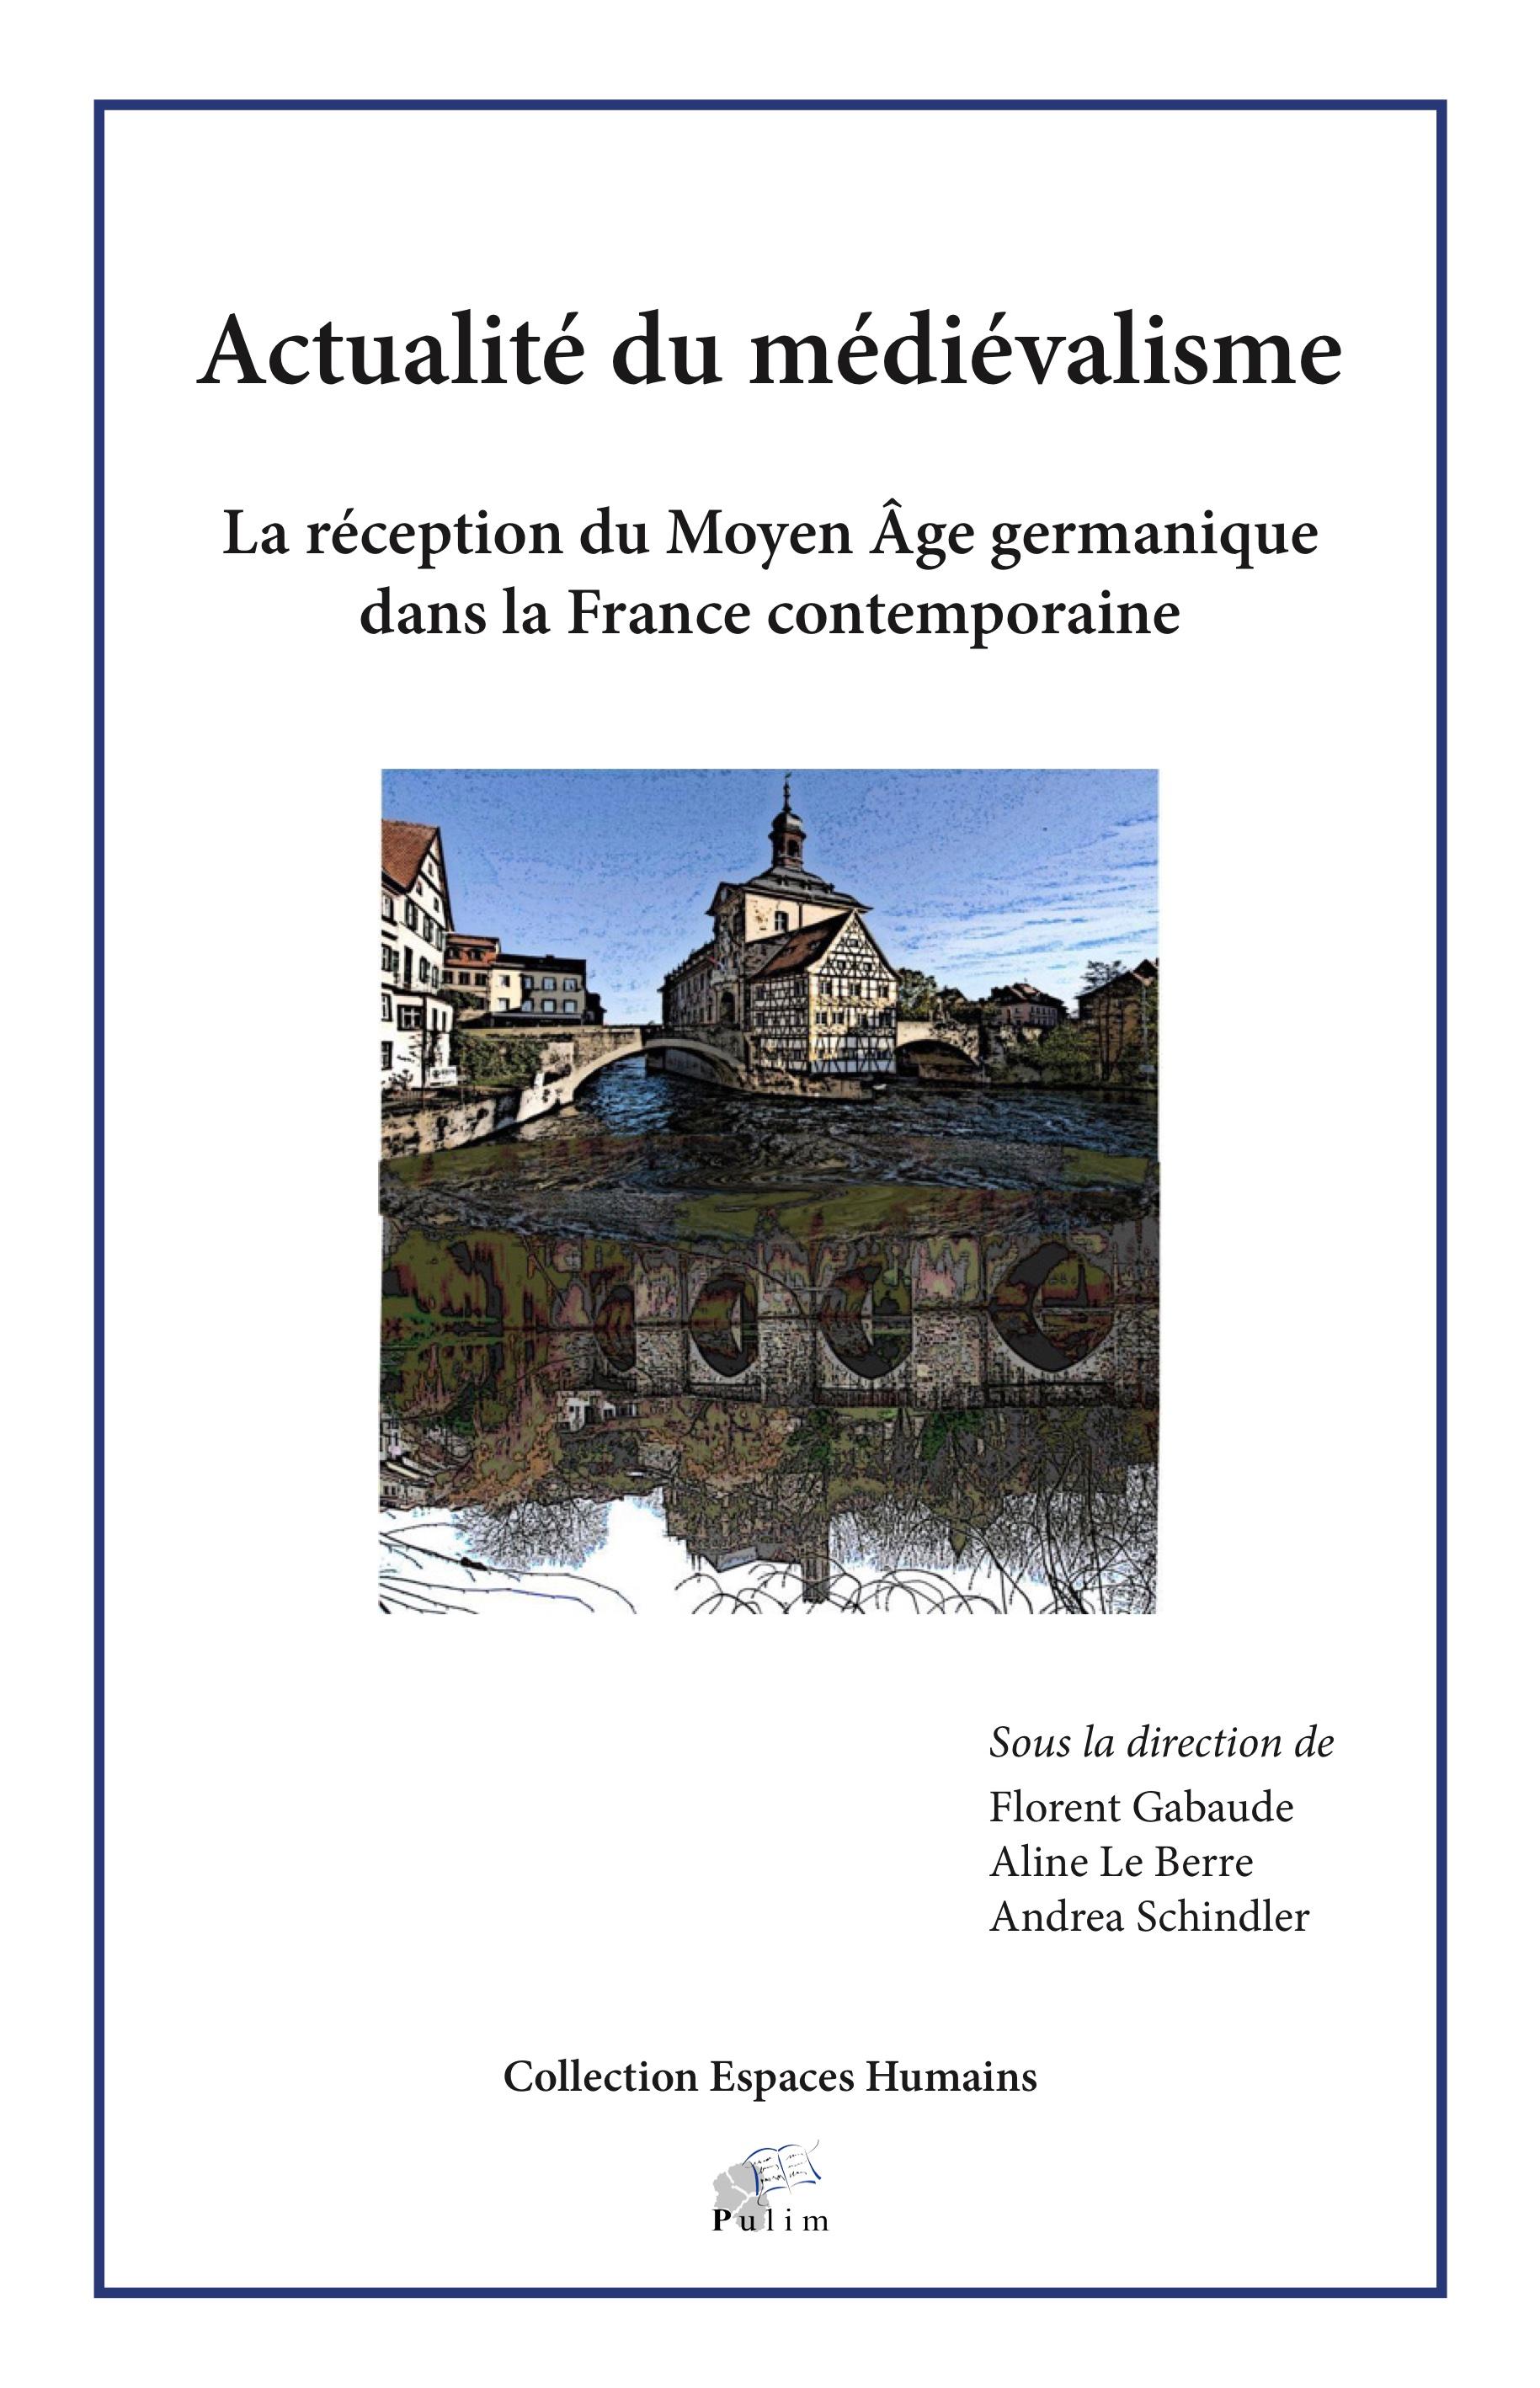 Actualité du médiévalisme. La réception du Moyen Âge germanique dans la France contemporaine